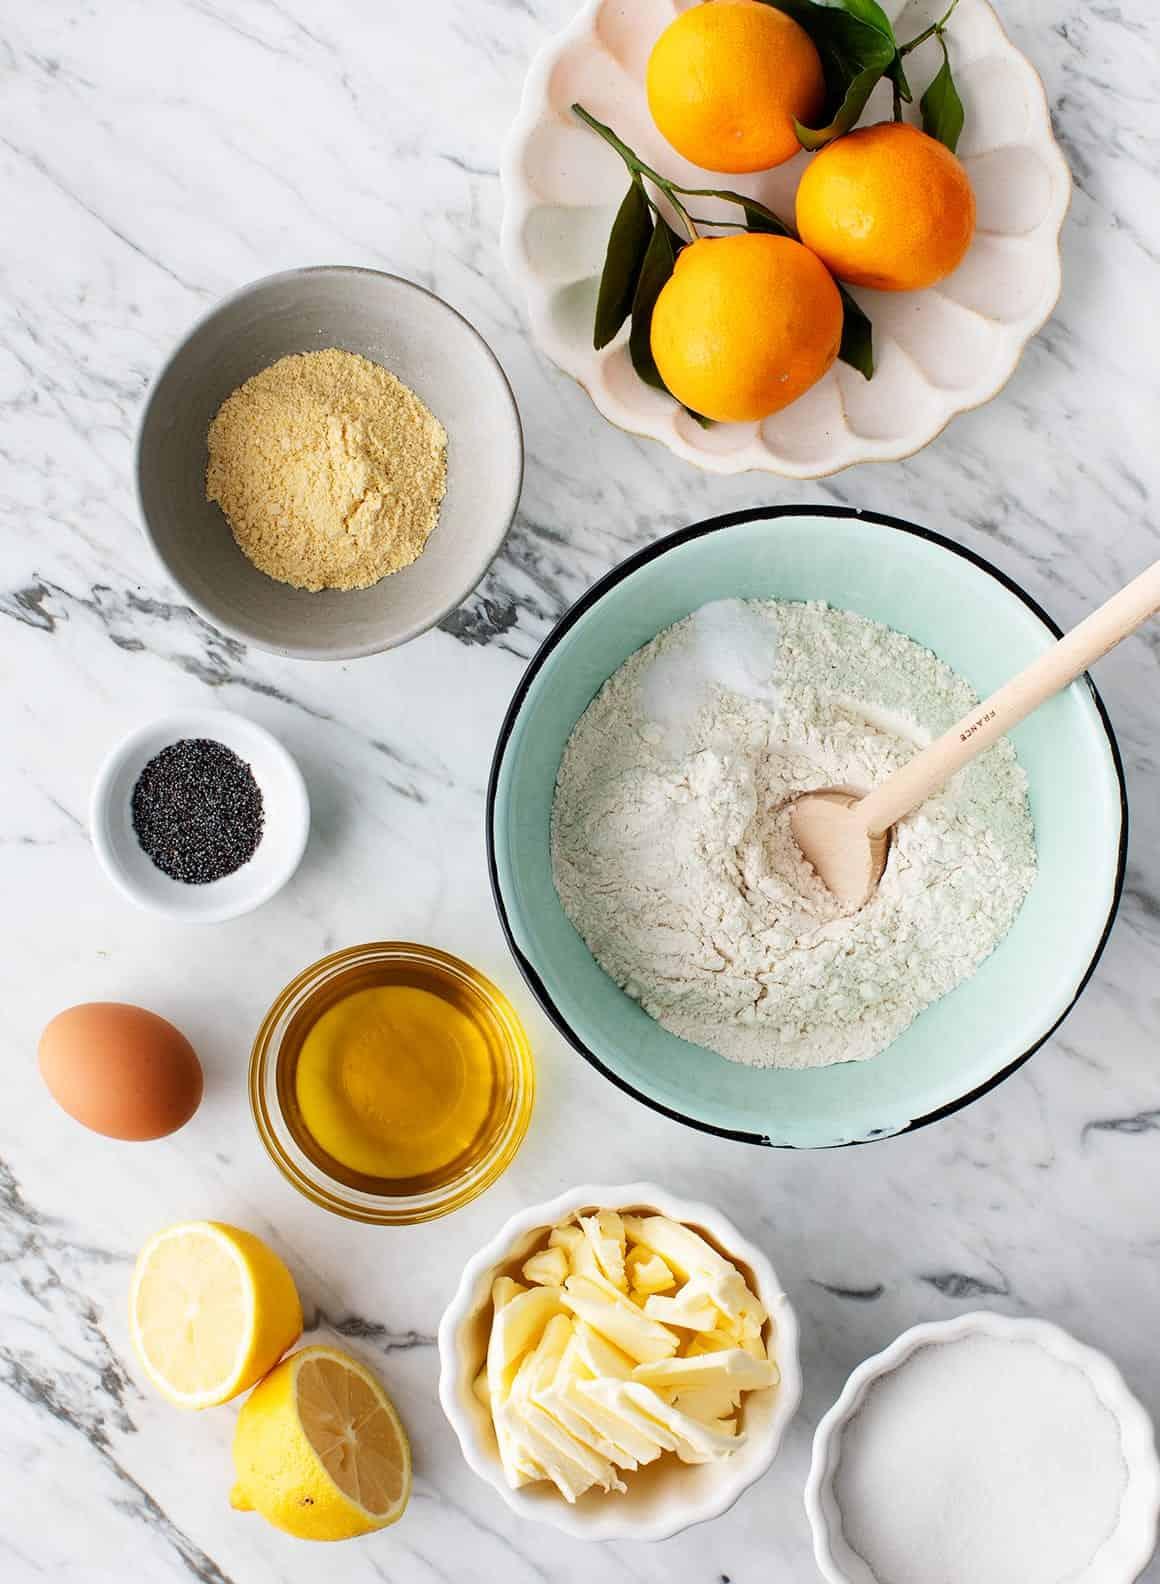 Lemon cookie recipe ingredients